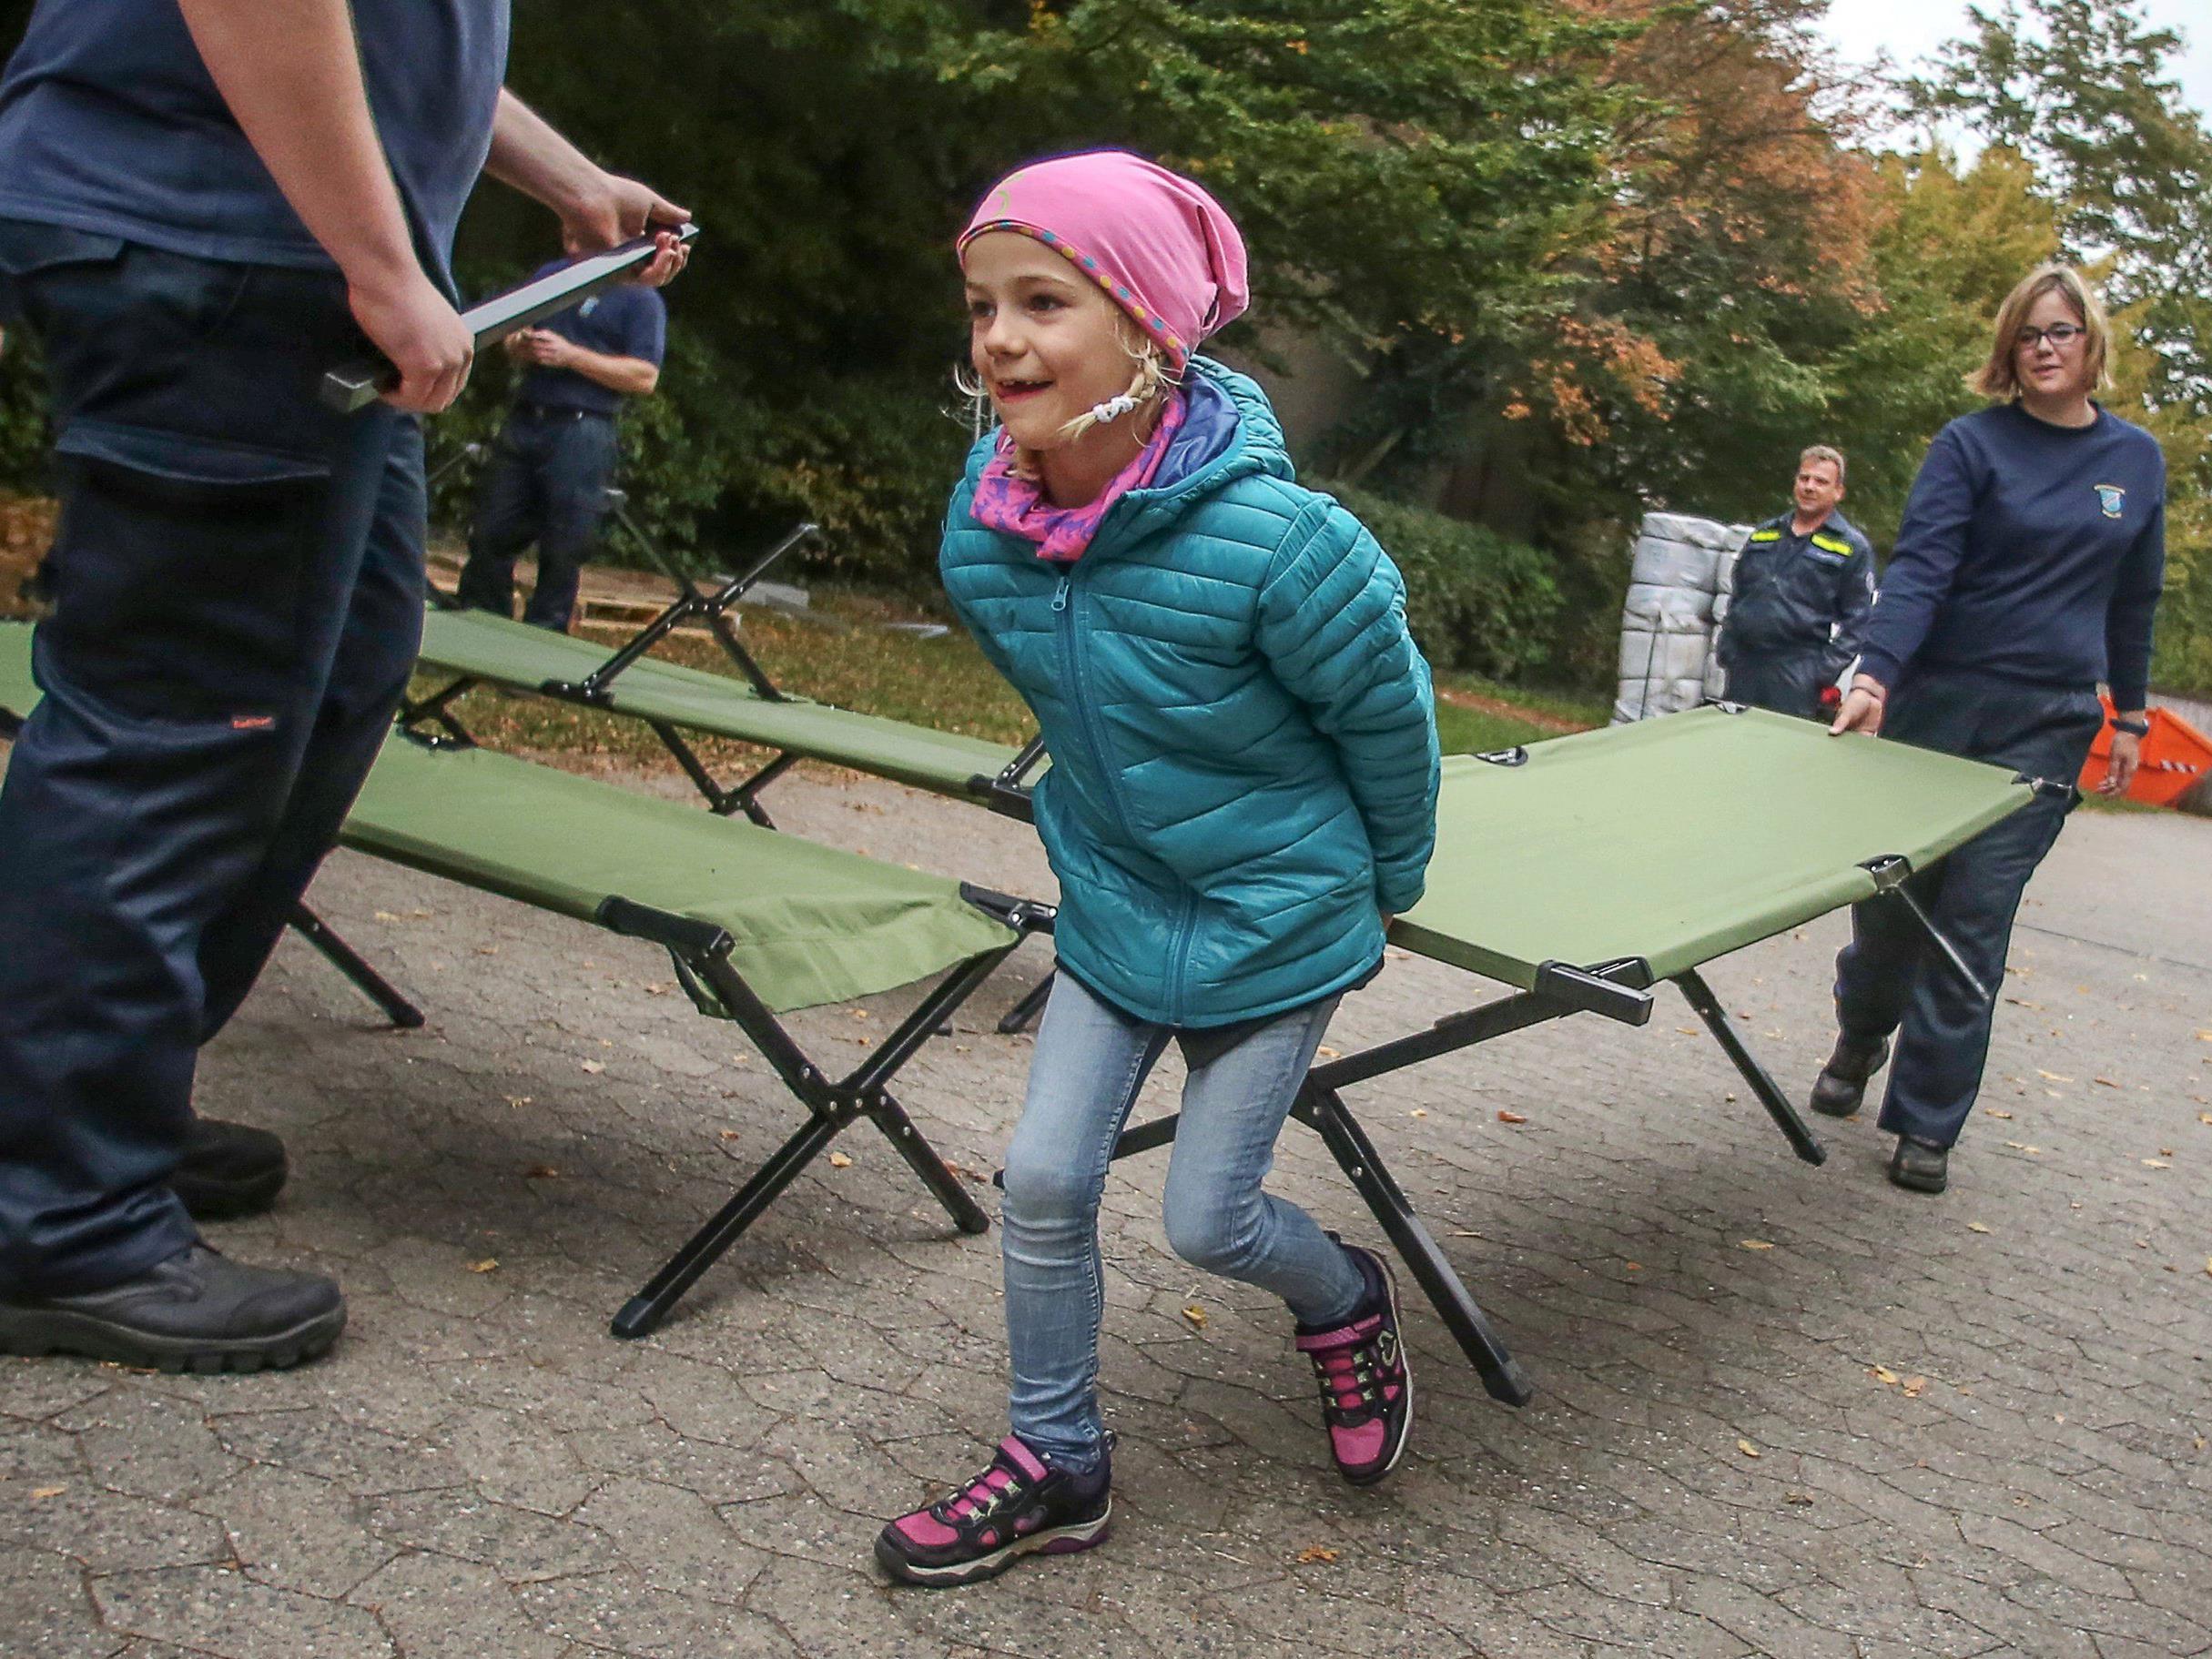 Ein kleines Mädchen hilft beim Aufbau der Flüchtlingsquartiere.